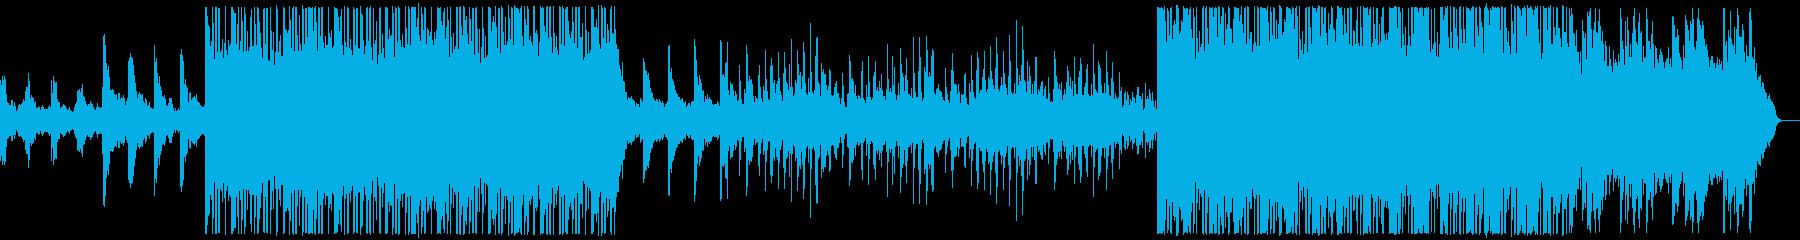 エレクトロニック 静か 気分が良い...の再生済みの波形